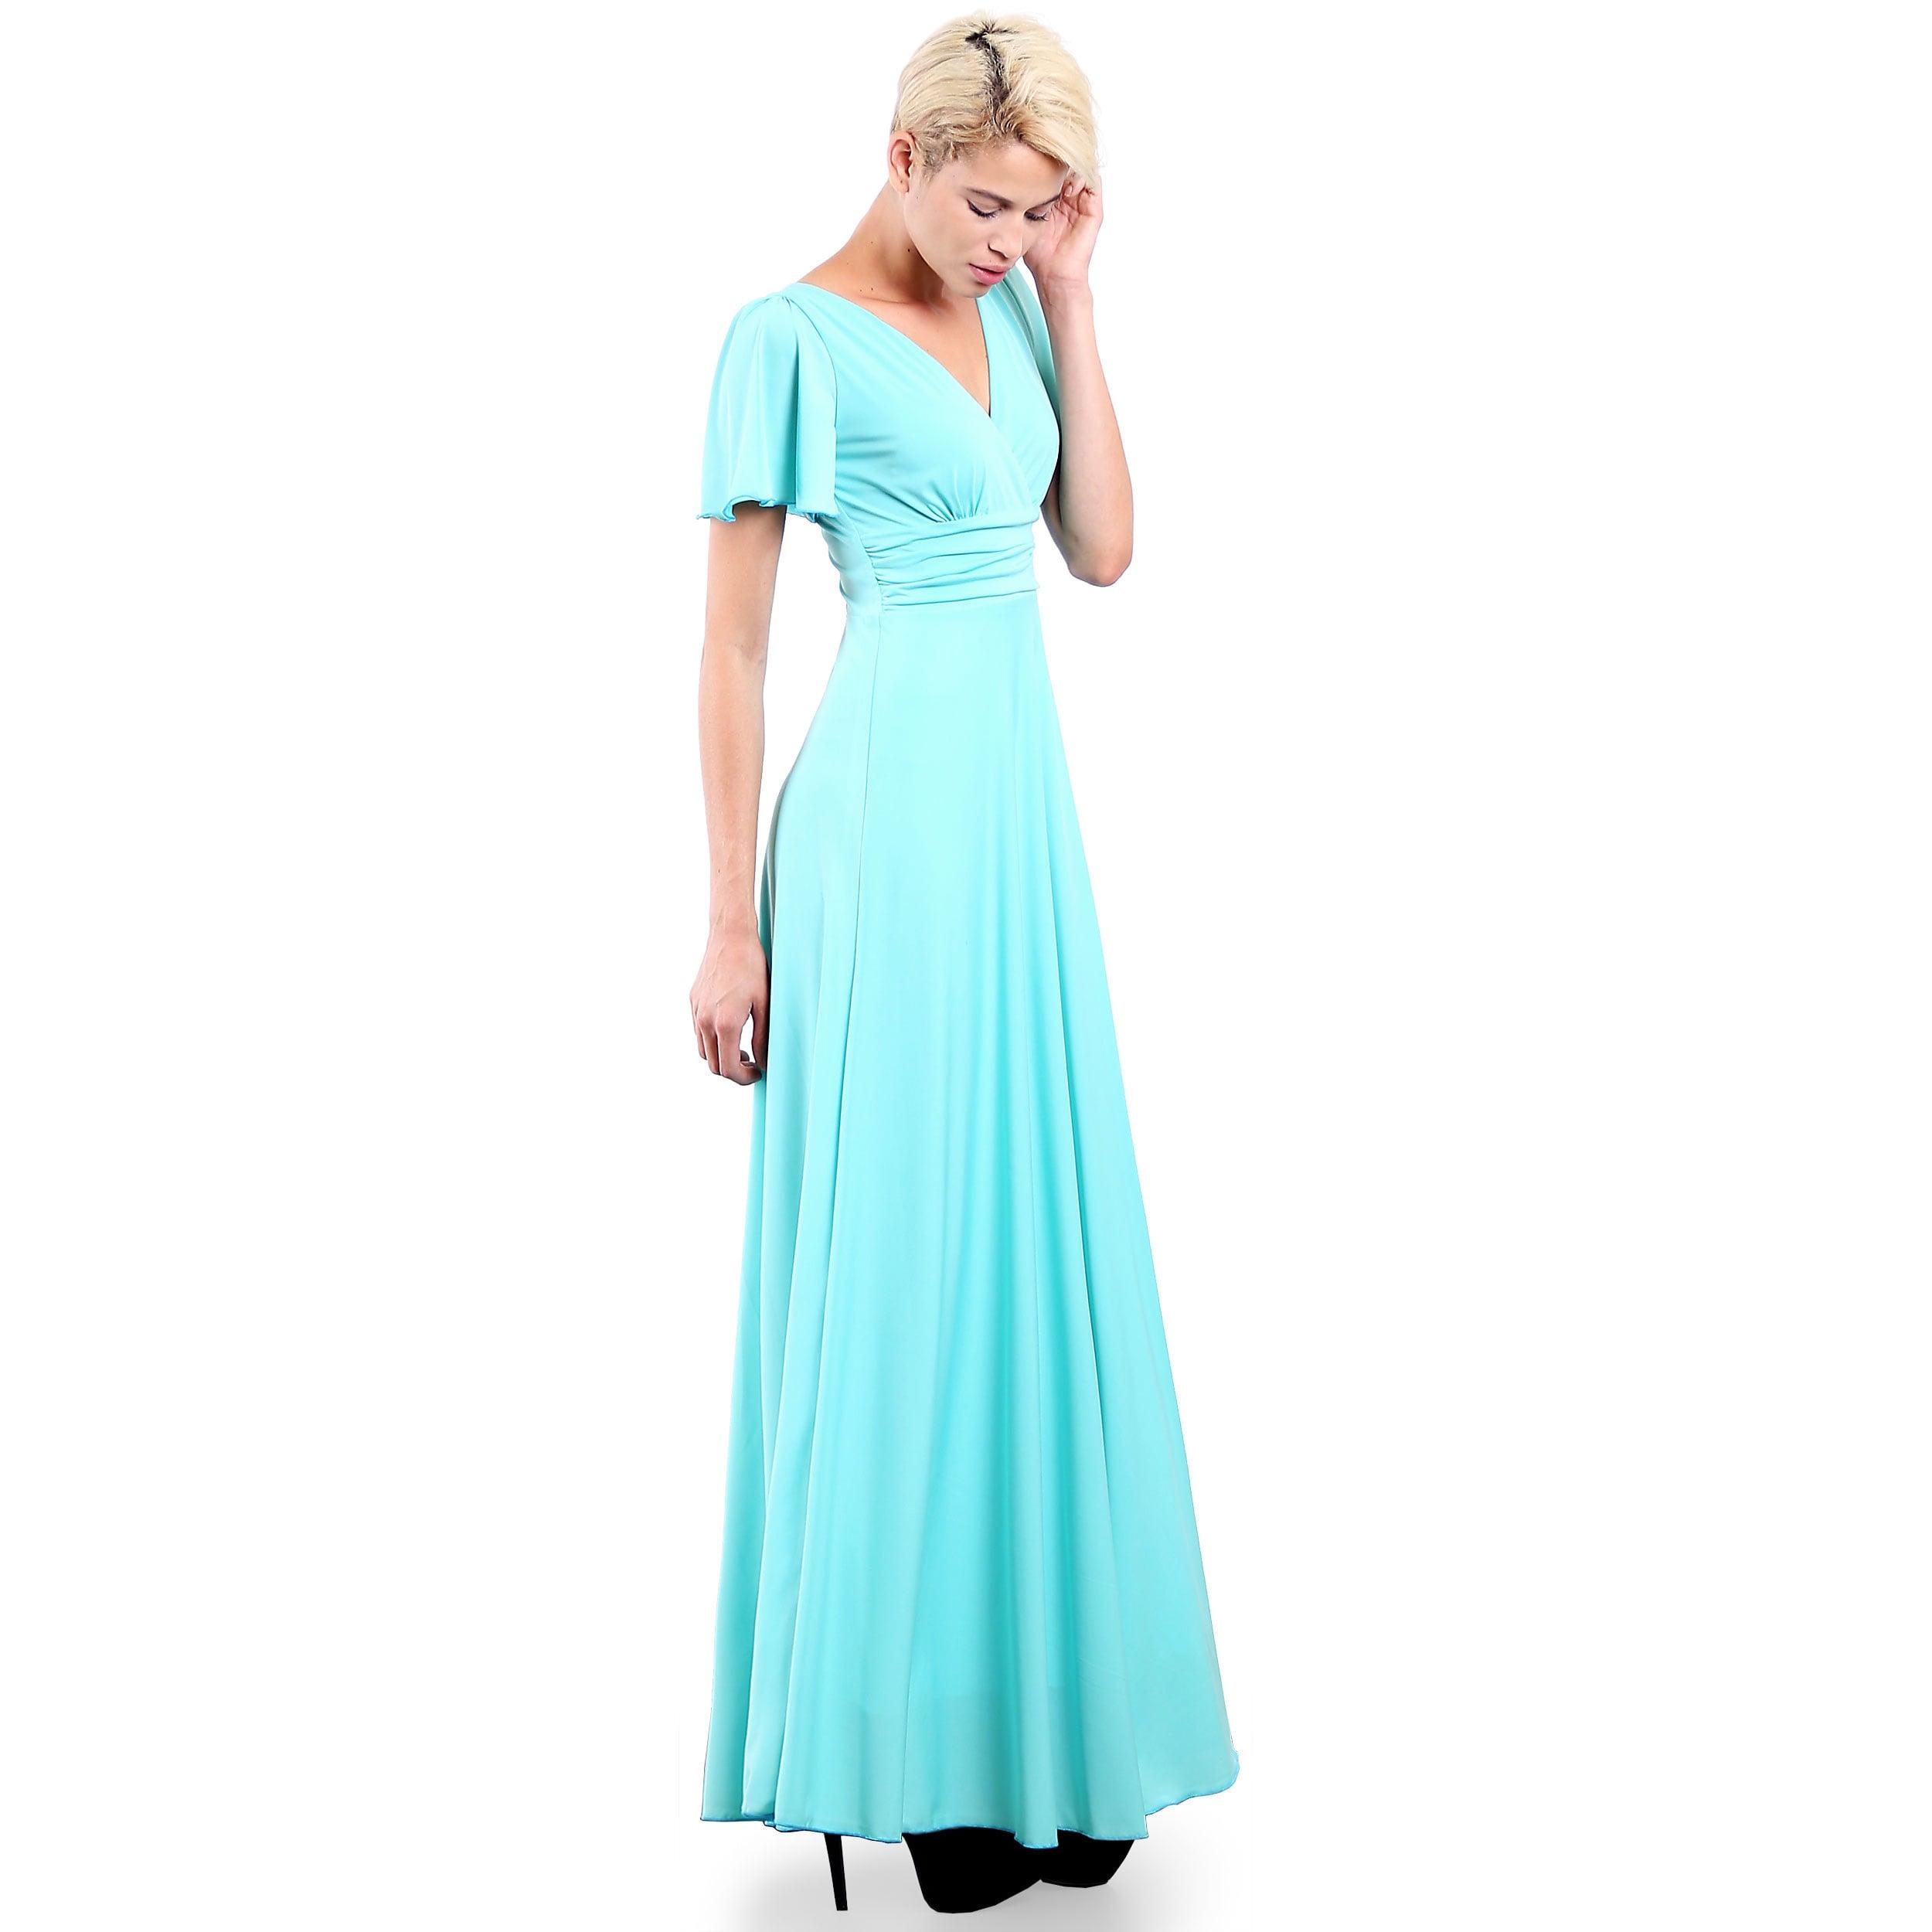 Evanese Women\'s Elegant Slip-on Long Formal Evening Party Dress ...